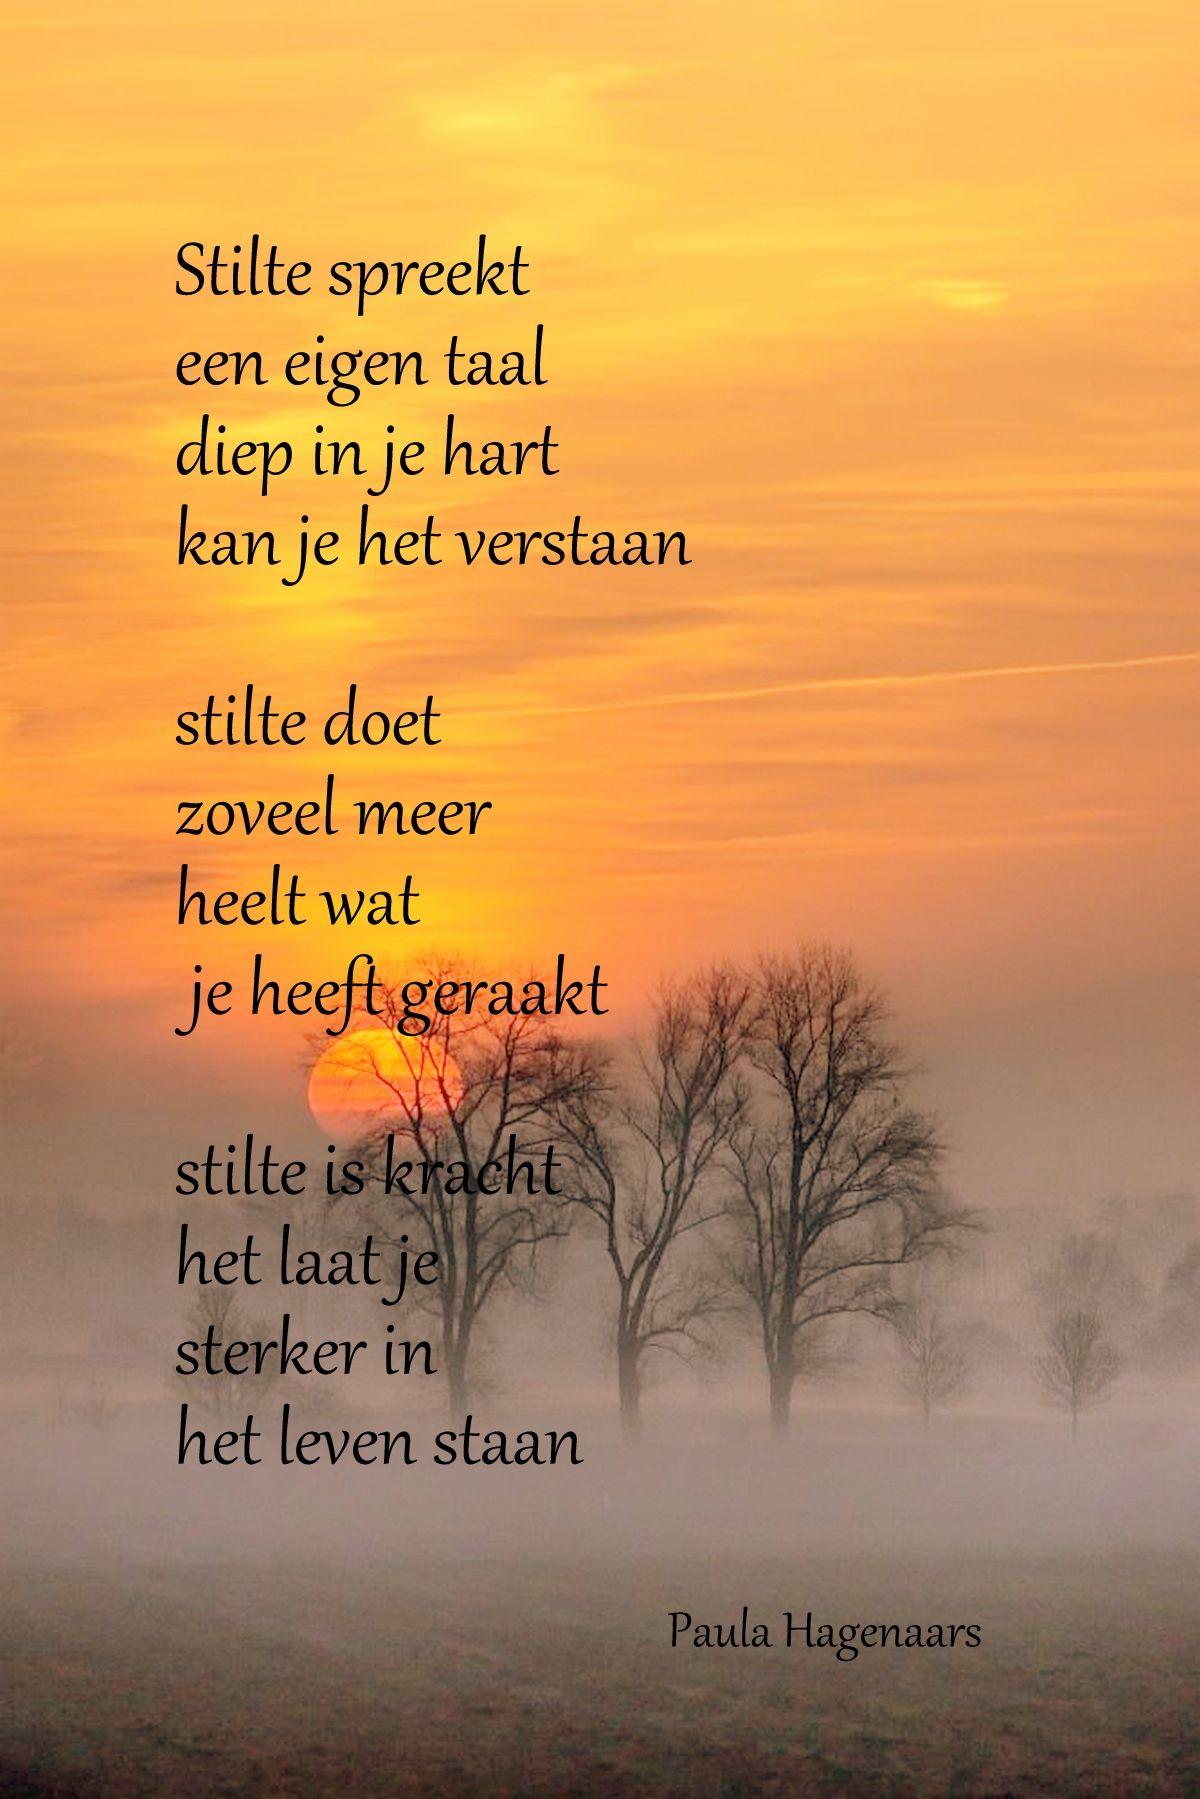 Rumi Citaten Nederlands : Gedichten paula hagenaars mooie teksten